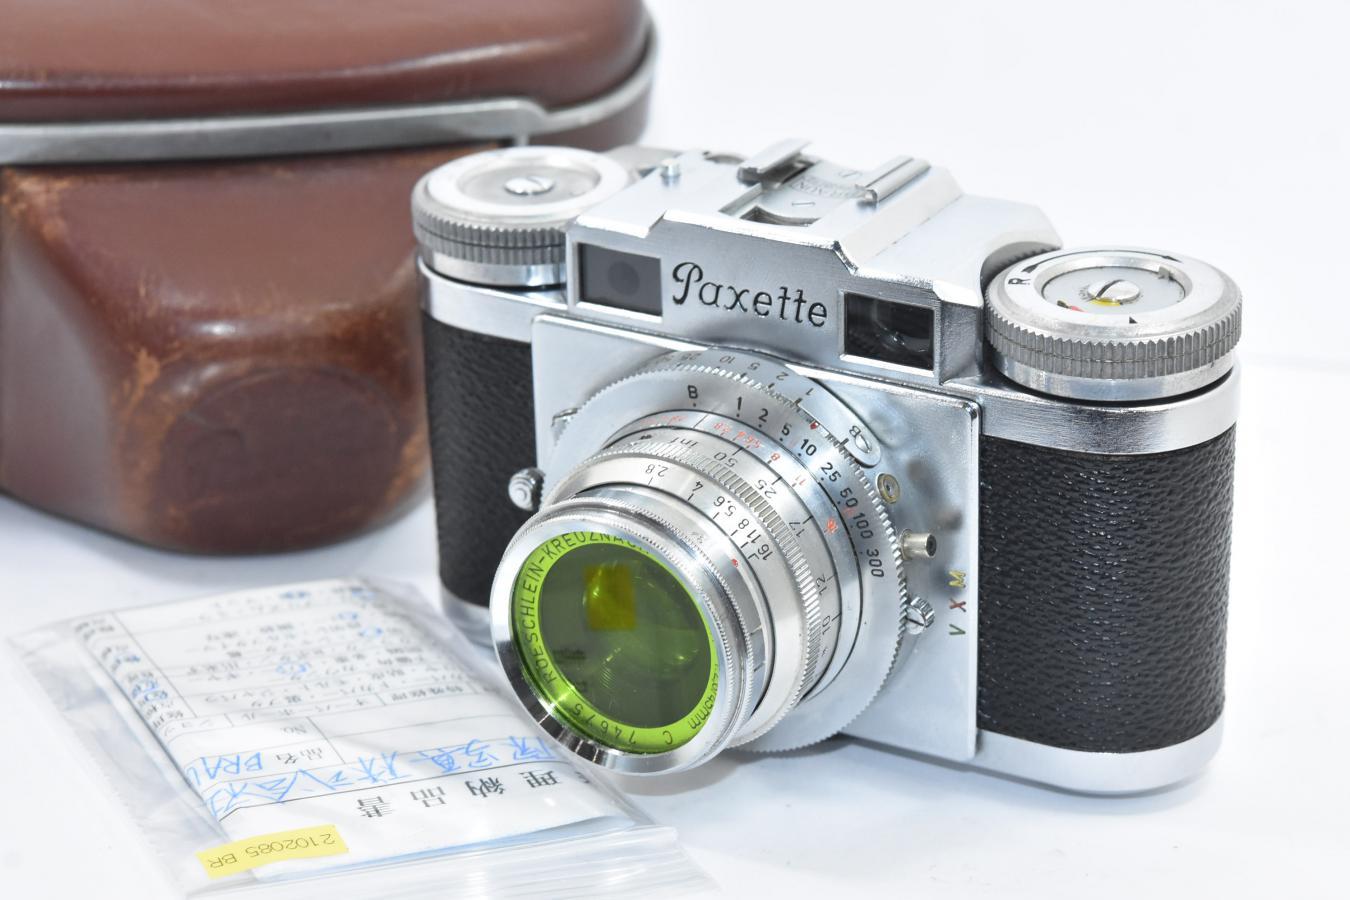 【希 少】BRAUN Paxette POINTAR 45/2.8付 【整備済 純正ケース付】